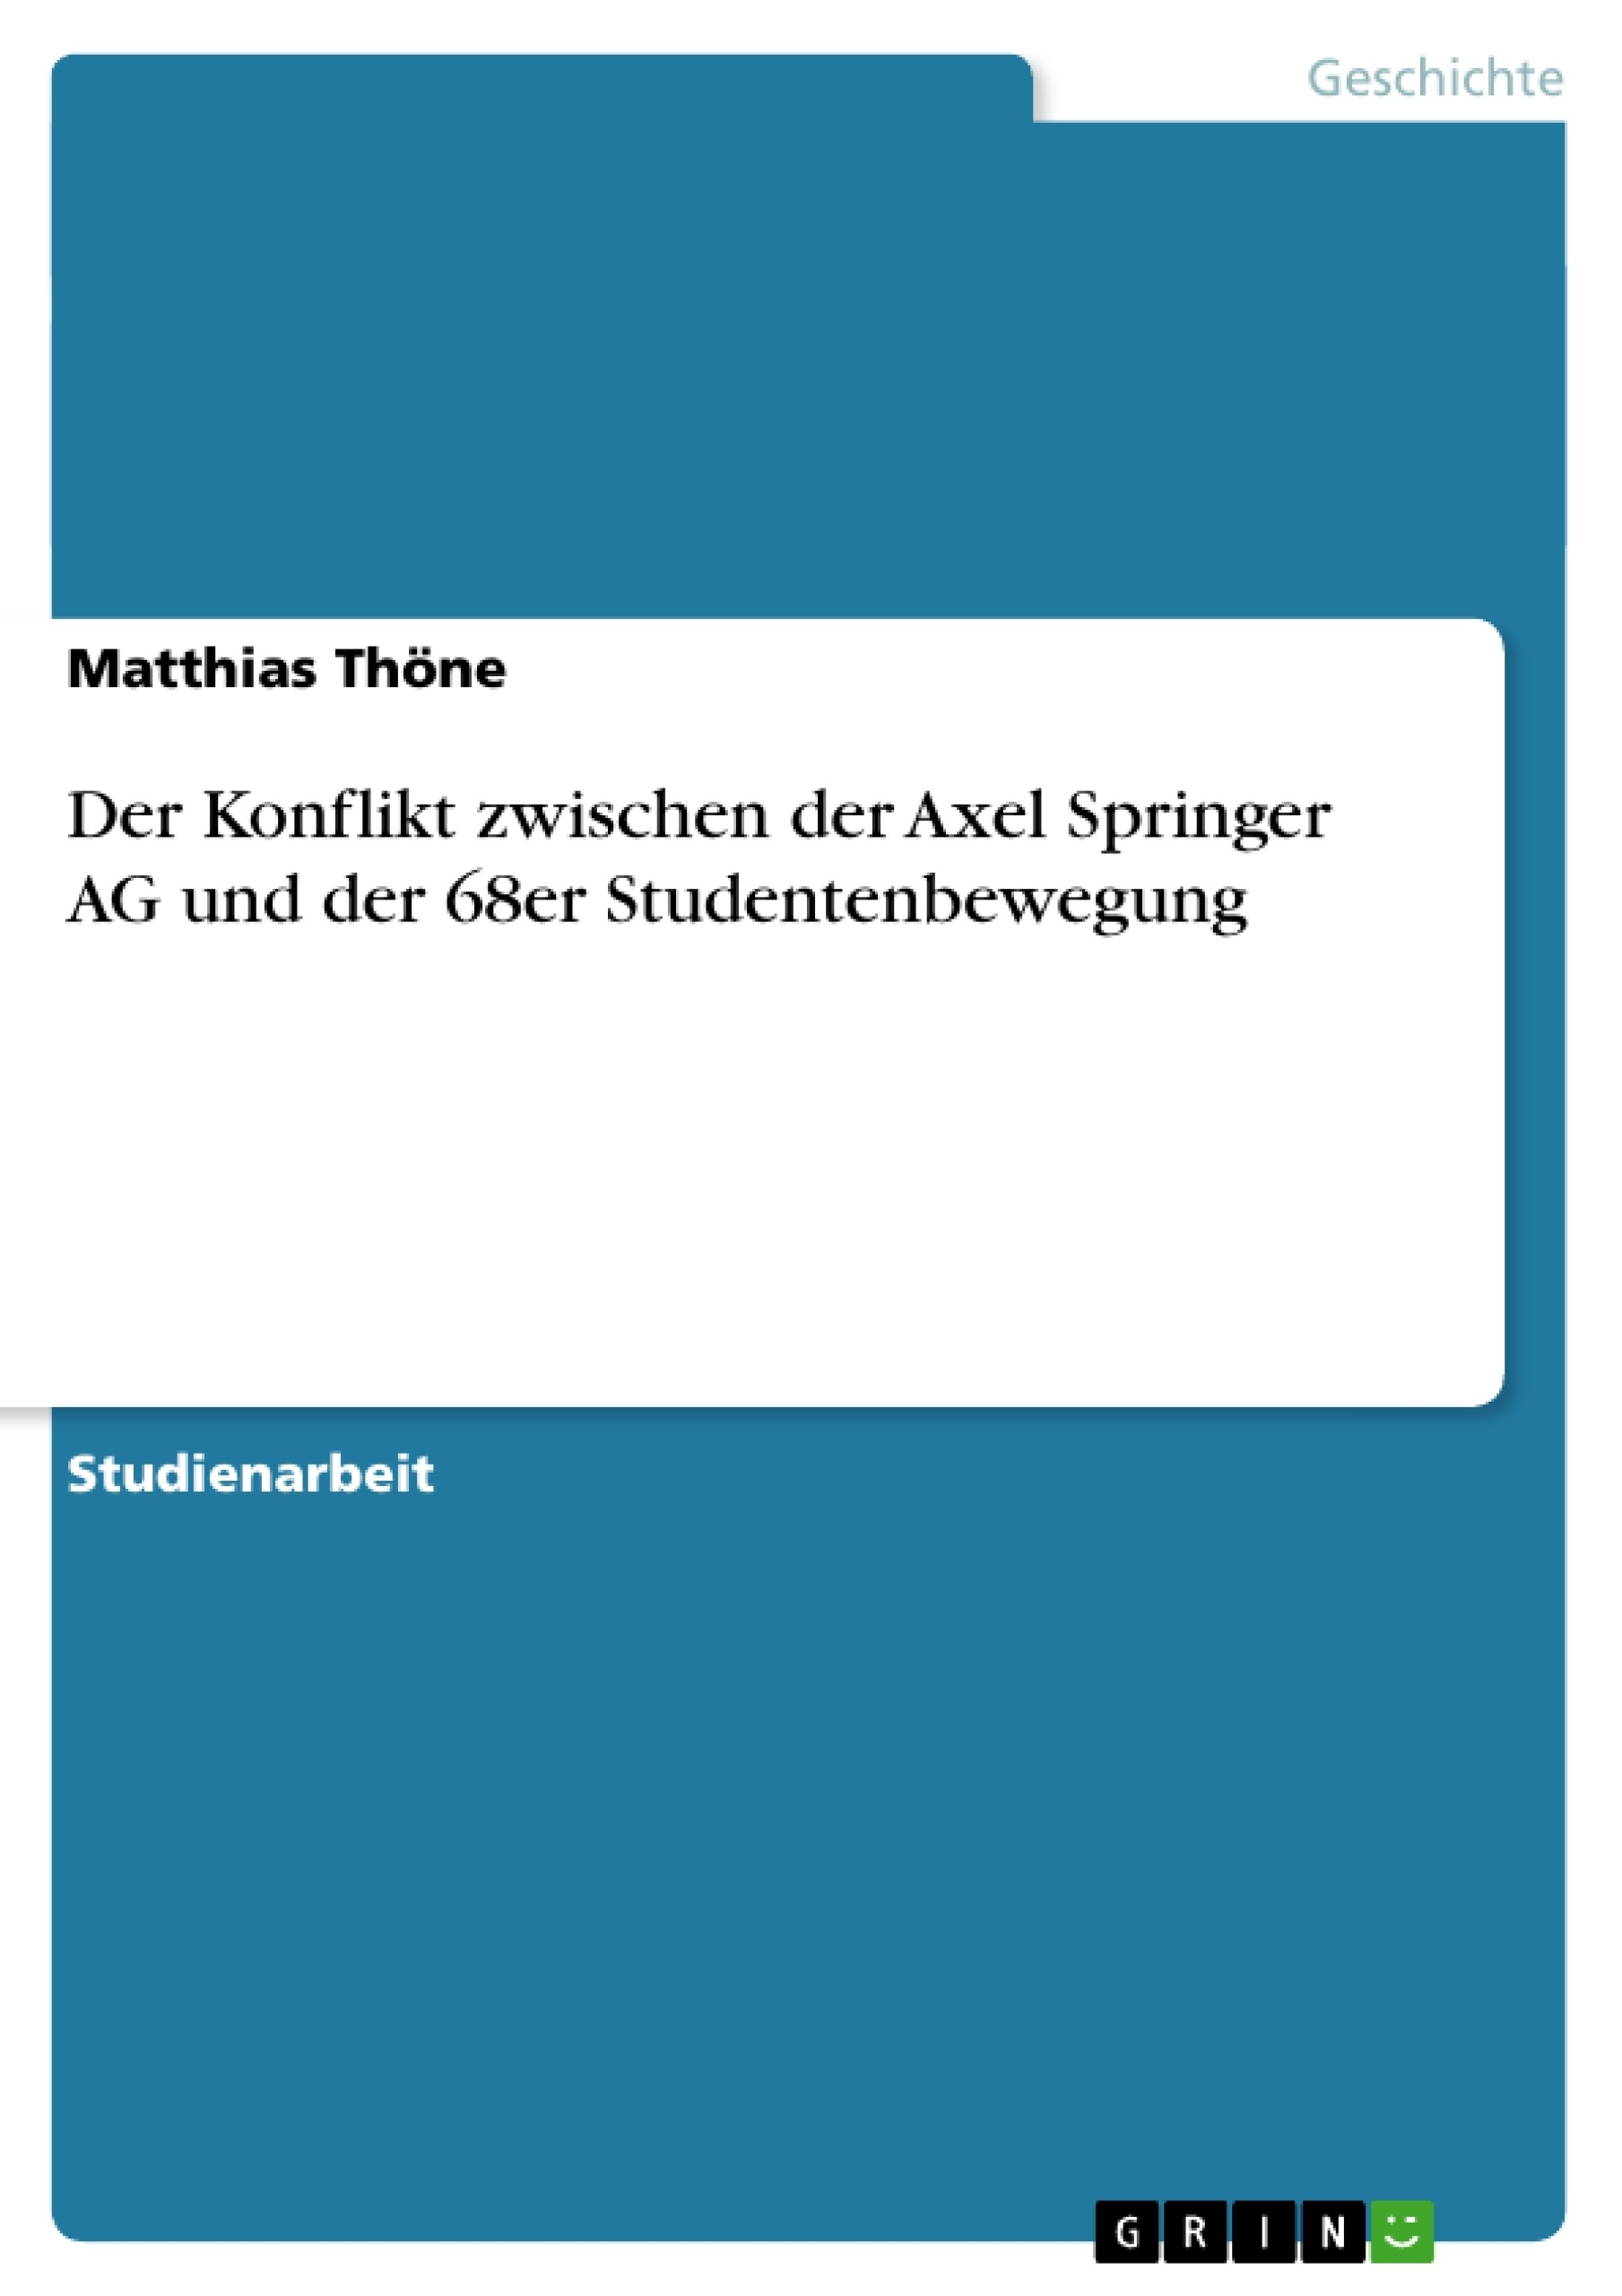 Titel: Der Konflikt zwischen der Axel Springer AG und der 68er Studentenbewegung